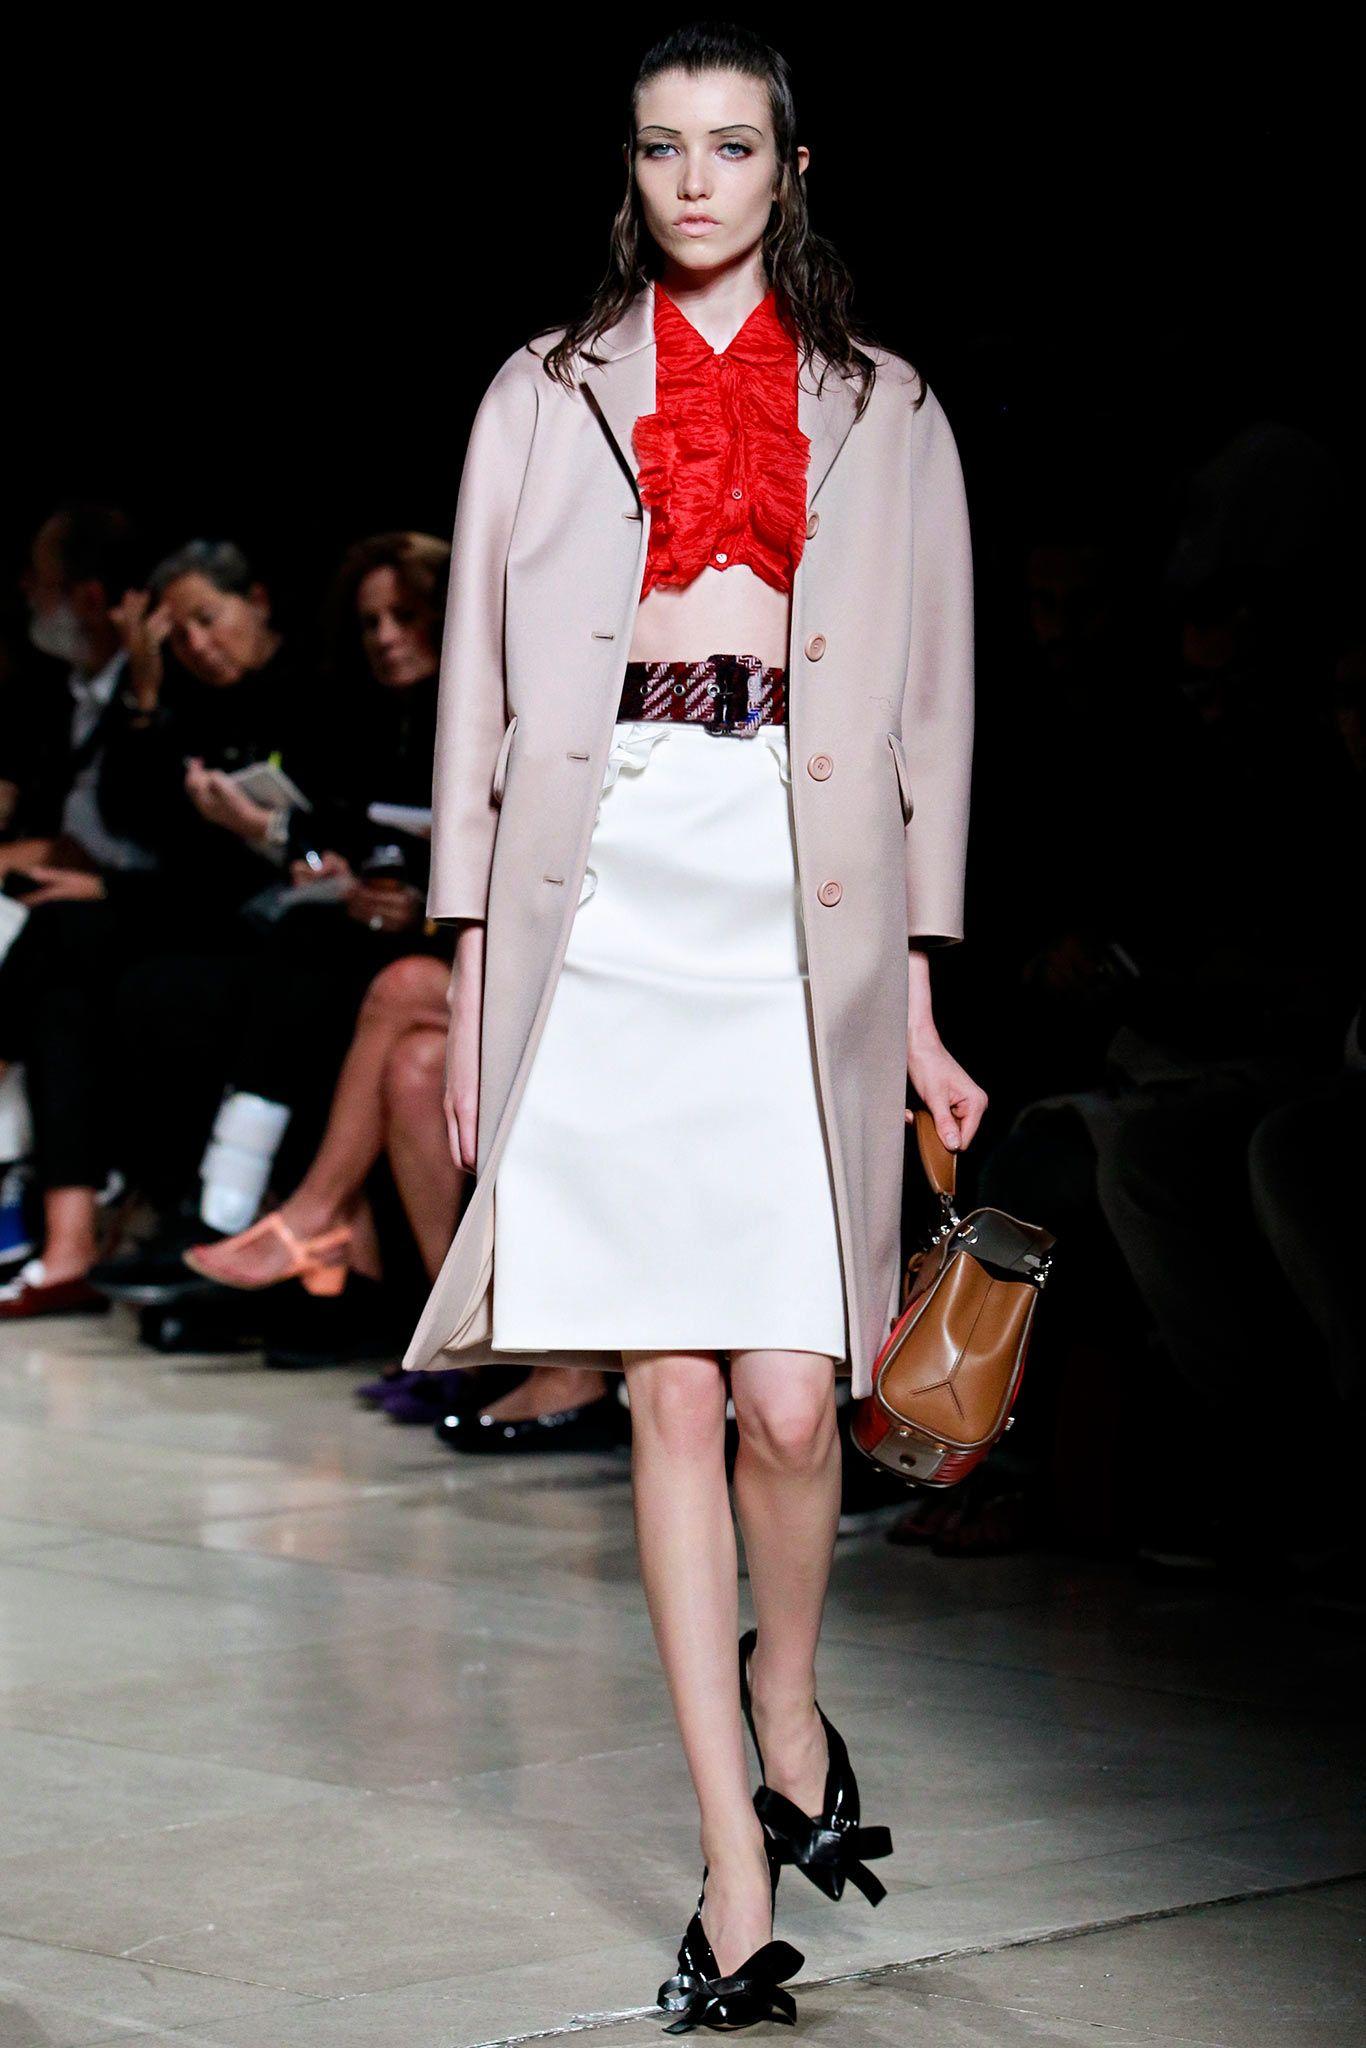 Miu Miu Spring Summer 2015: Warped Nostalgia   Grazia Fashion Shows @gtl_clothing #getthelook http://gtl.clothing